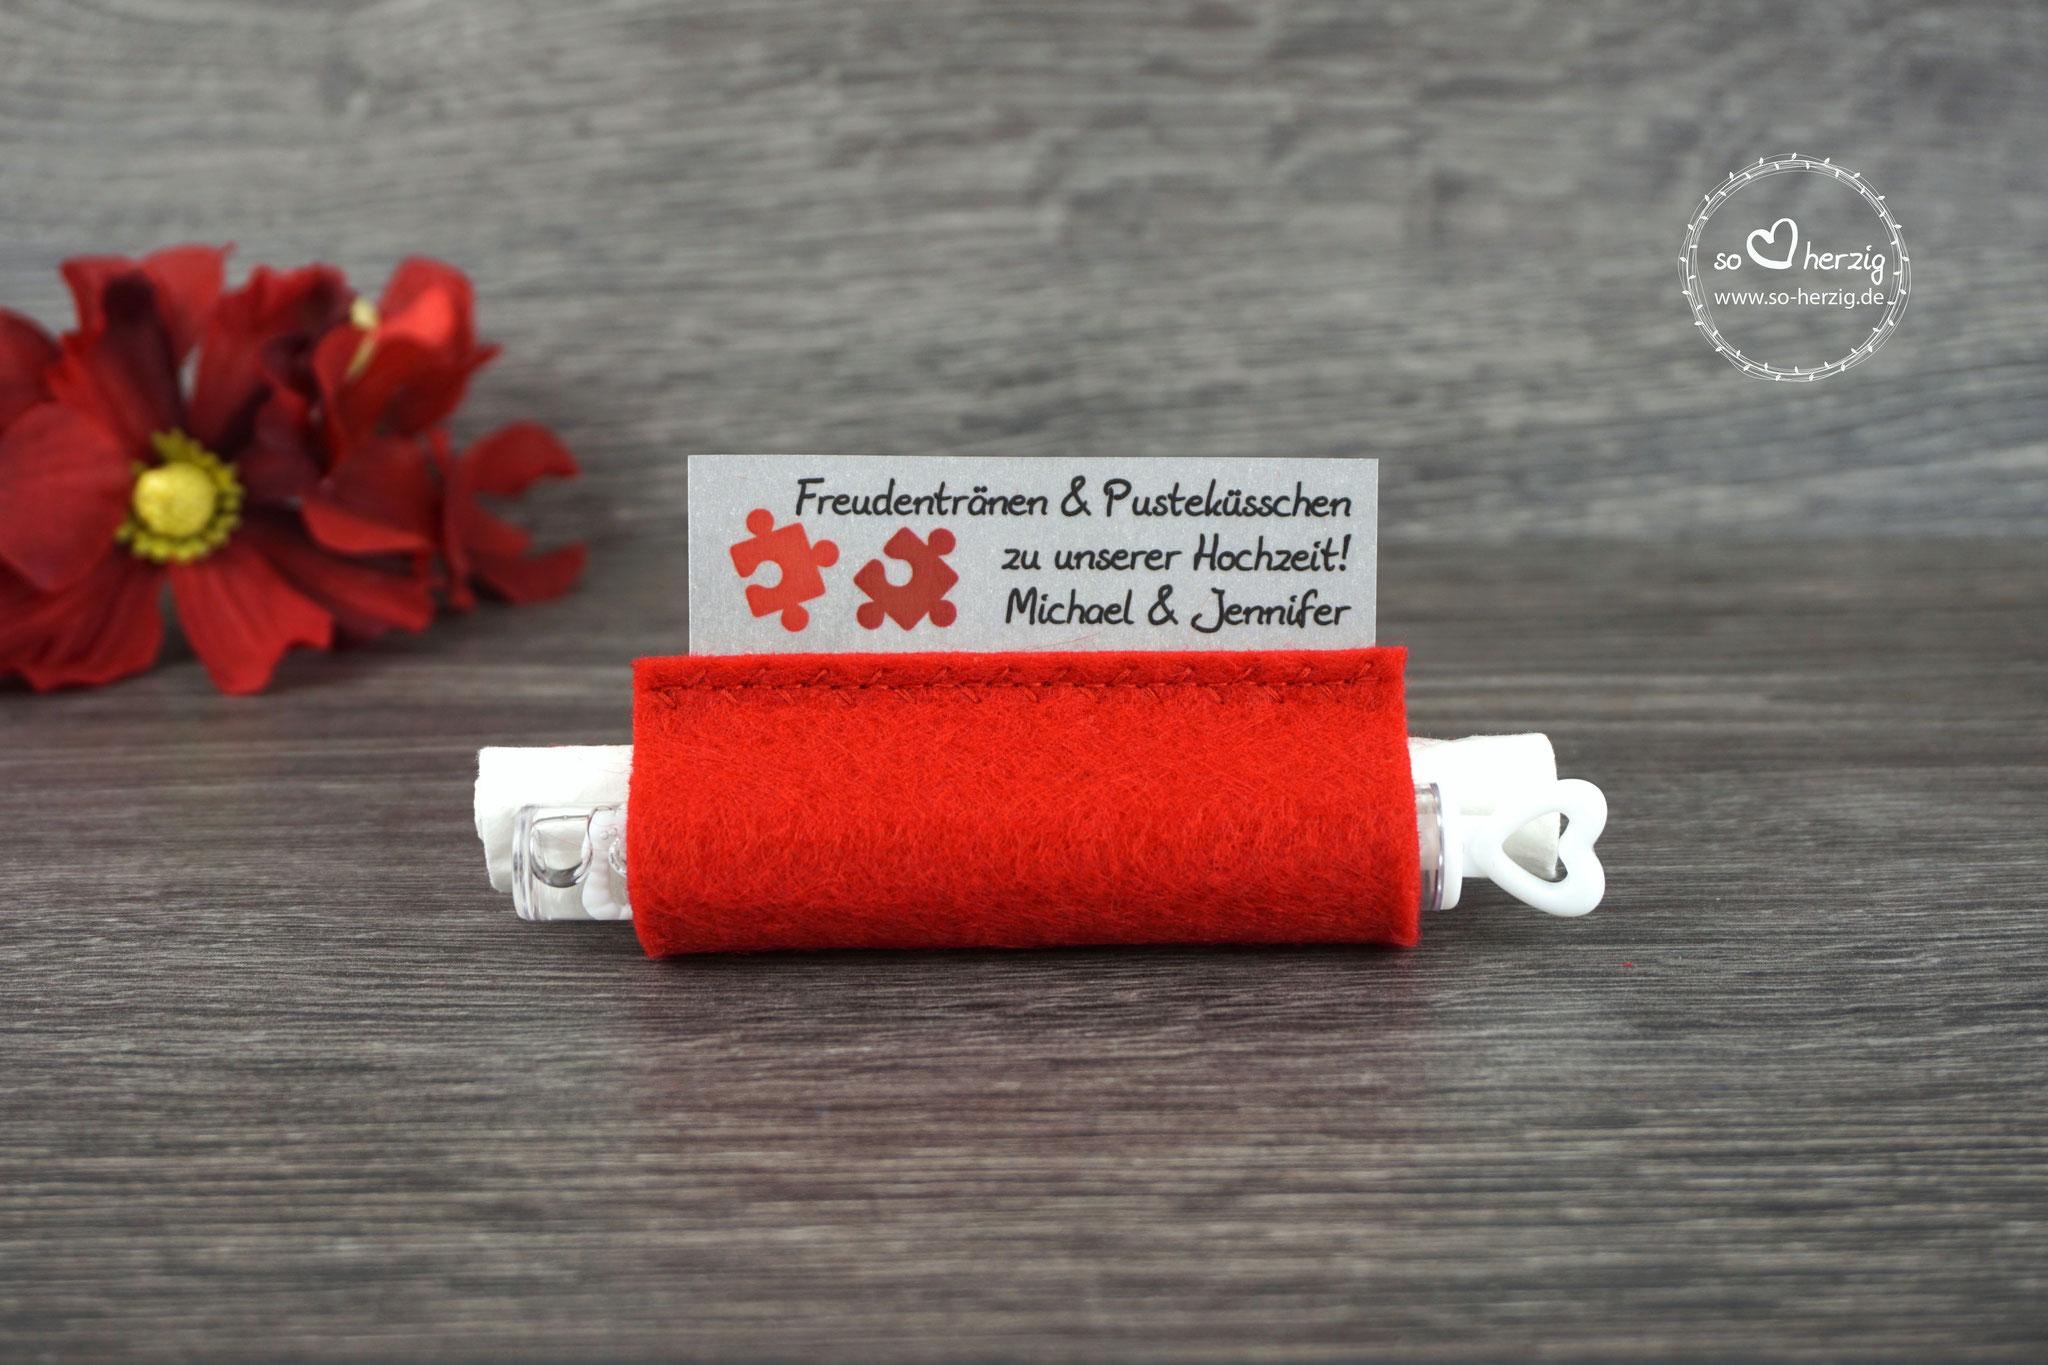 Freudentränen Taschentücher mit Weddingbubbles, Filz rot, Design Puzzle